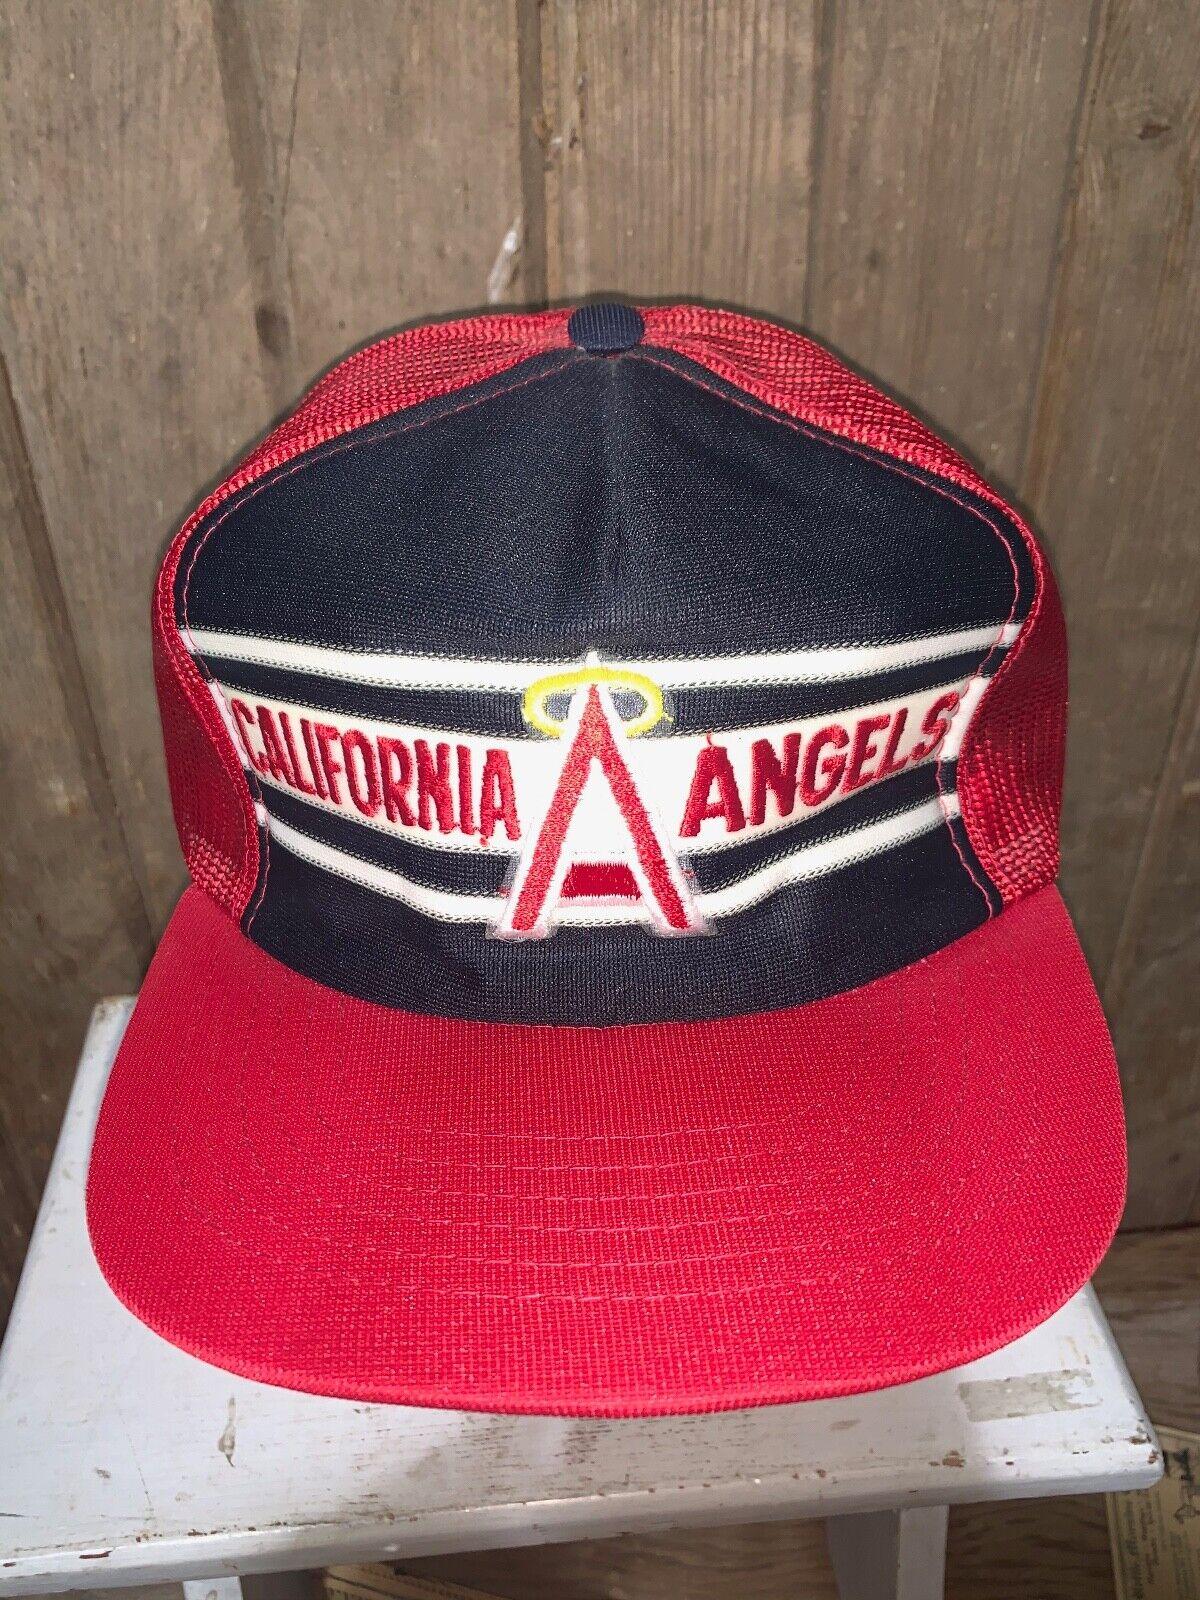 VINTAGE 80s Rare California Angels Red MLB Baseba… - image 2